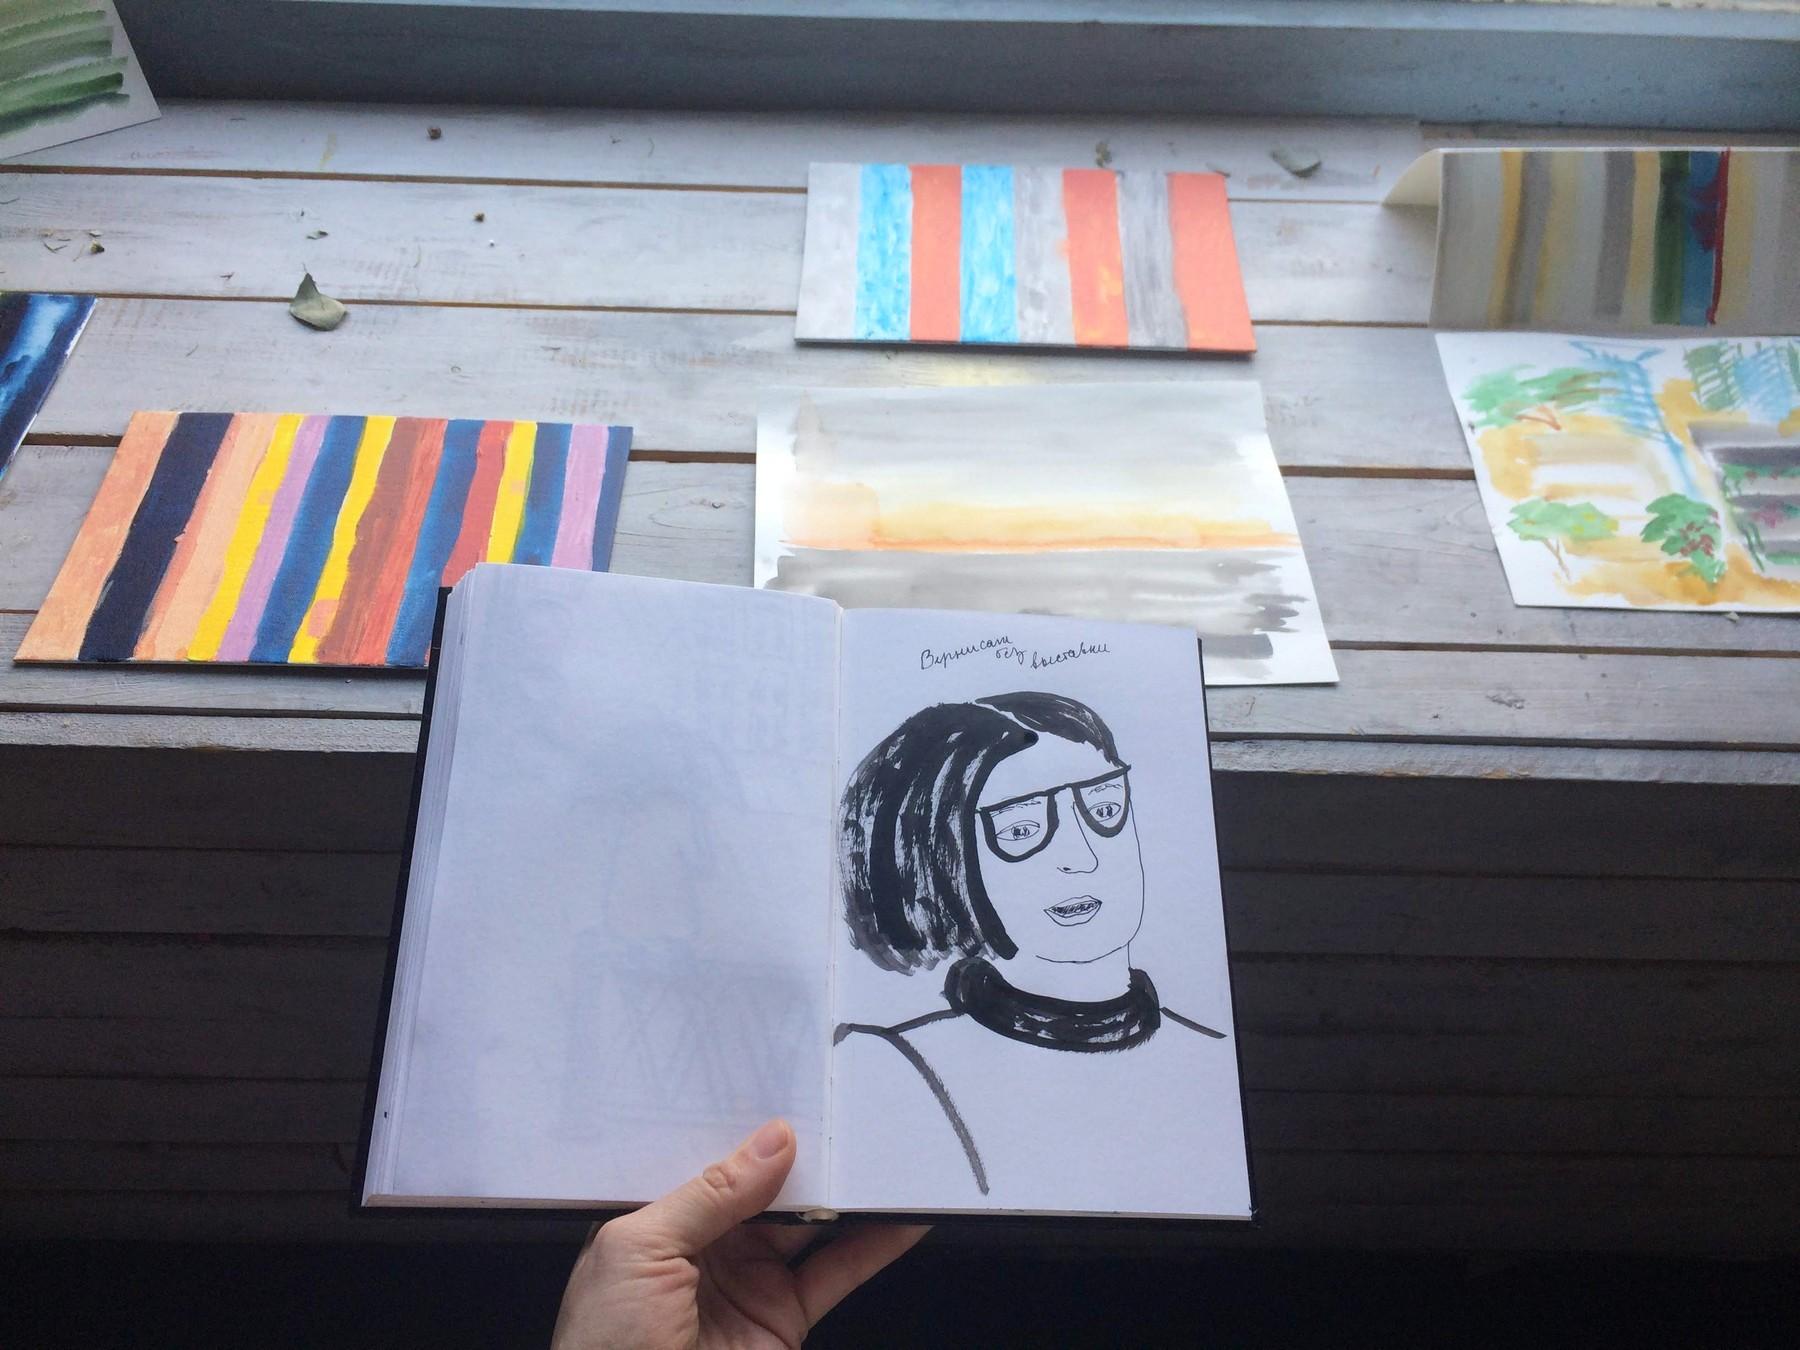 Конкурсы для иллюстраторов: как и зачем участвовать, плюс мои весенние итоги | Nadin Piter Надин Питер блог Нади Демкиной